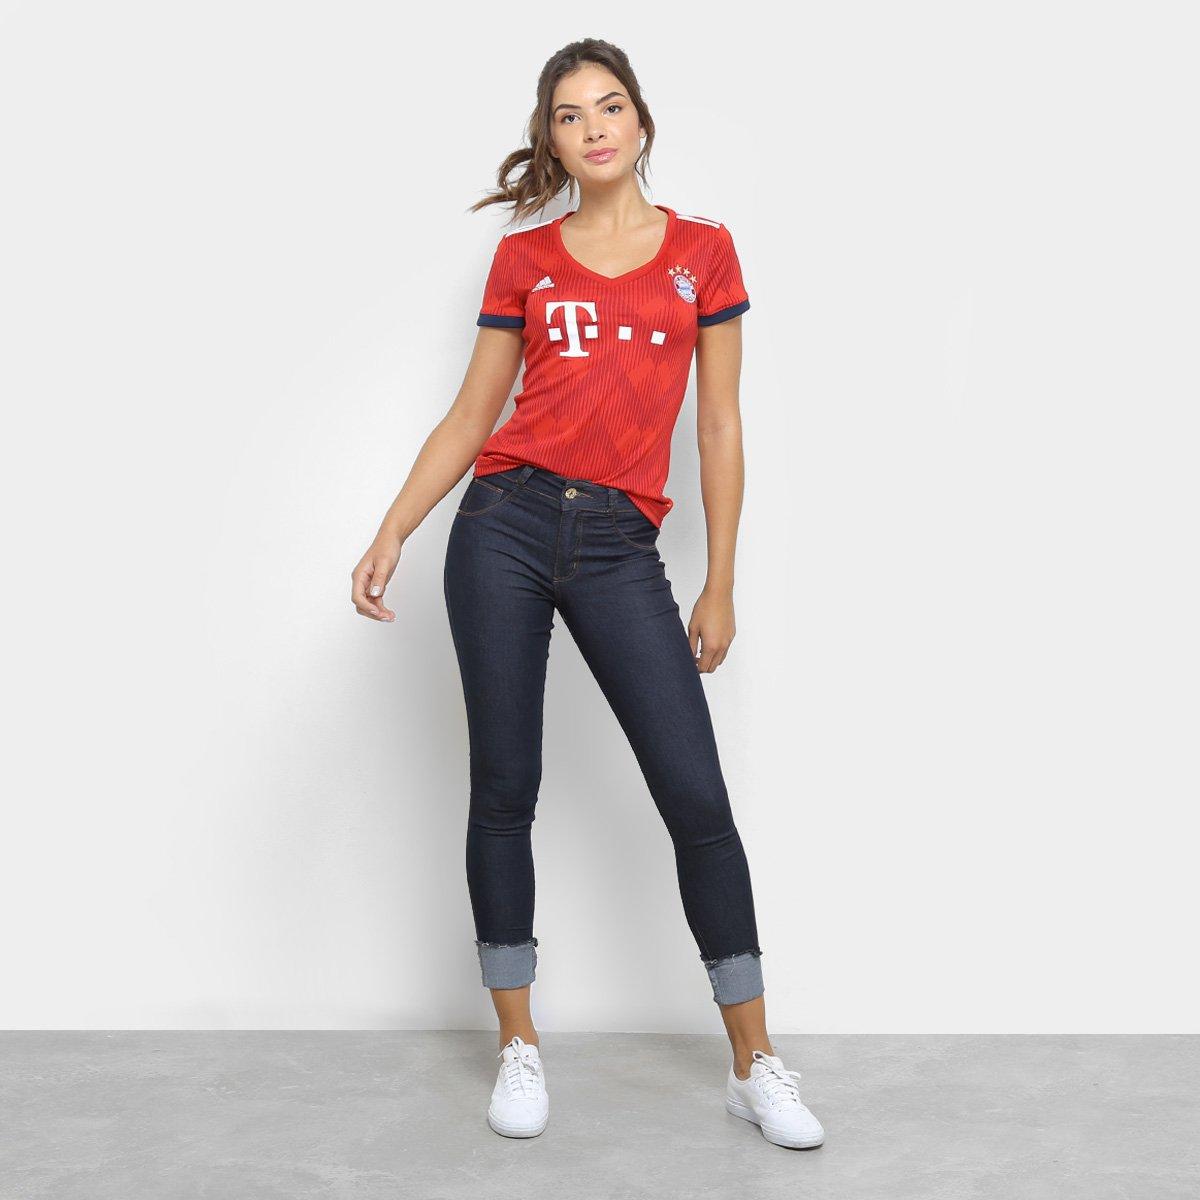 e7f512b190 Camisa Bayern de Munique Home 2018 s/n° - Torcedor Adidas Feminina | Livelo  -Sua Vida com Mais Recompensas